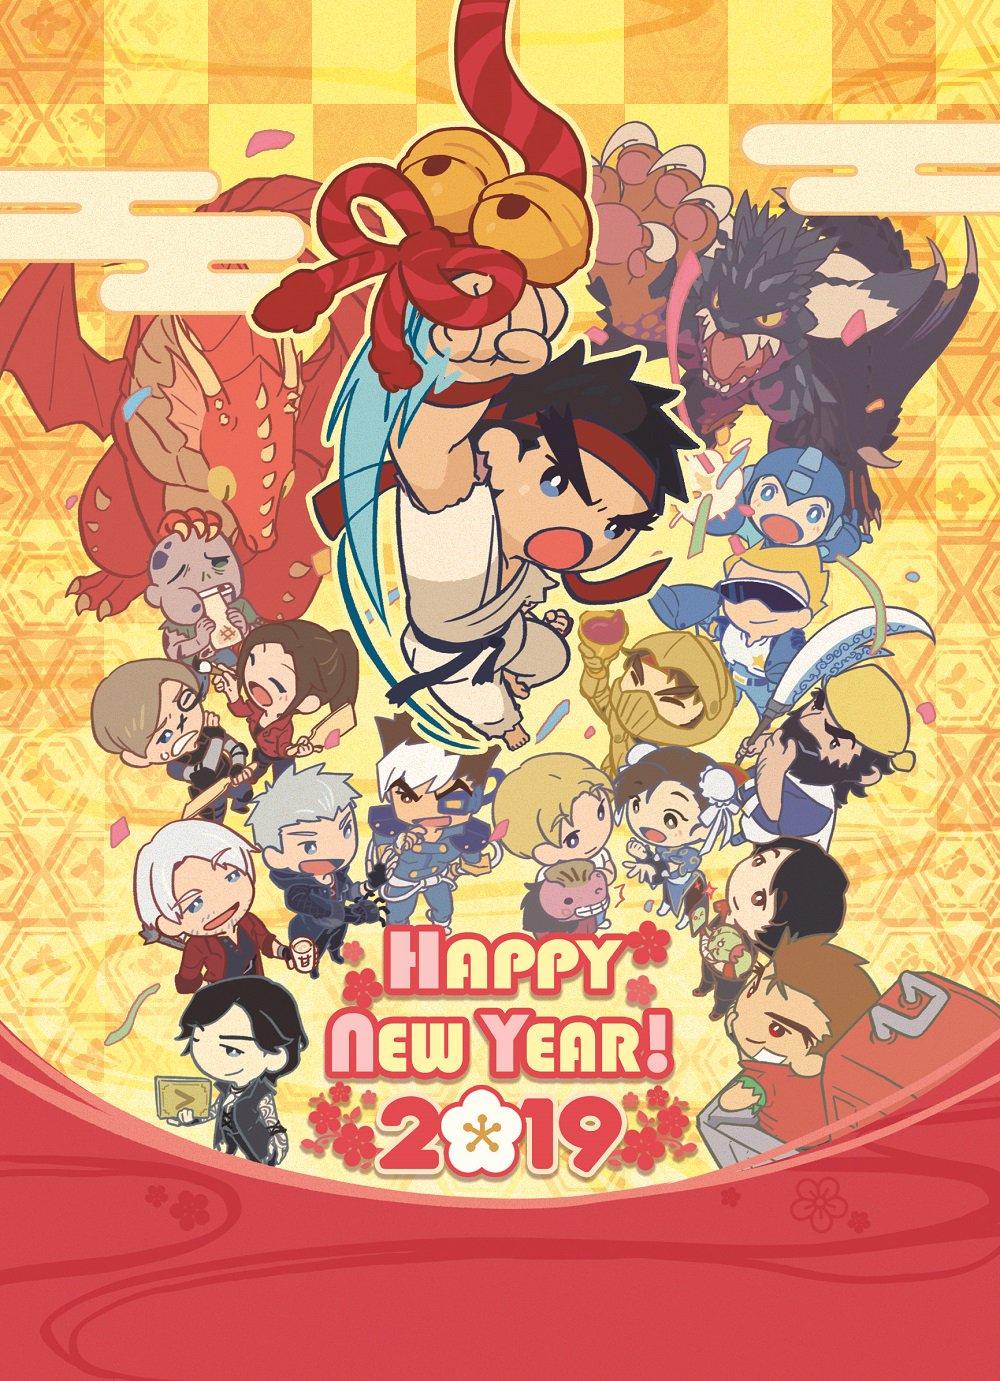 Capcom 2019 New Year Wallpaper.png